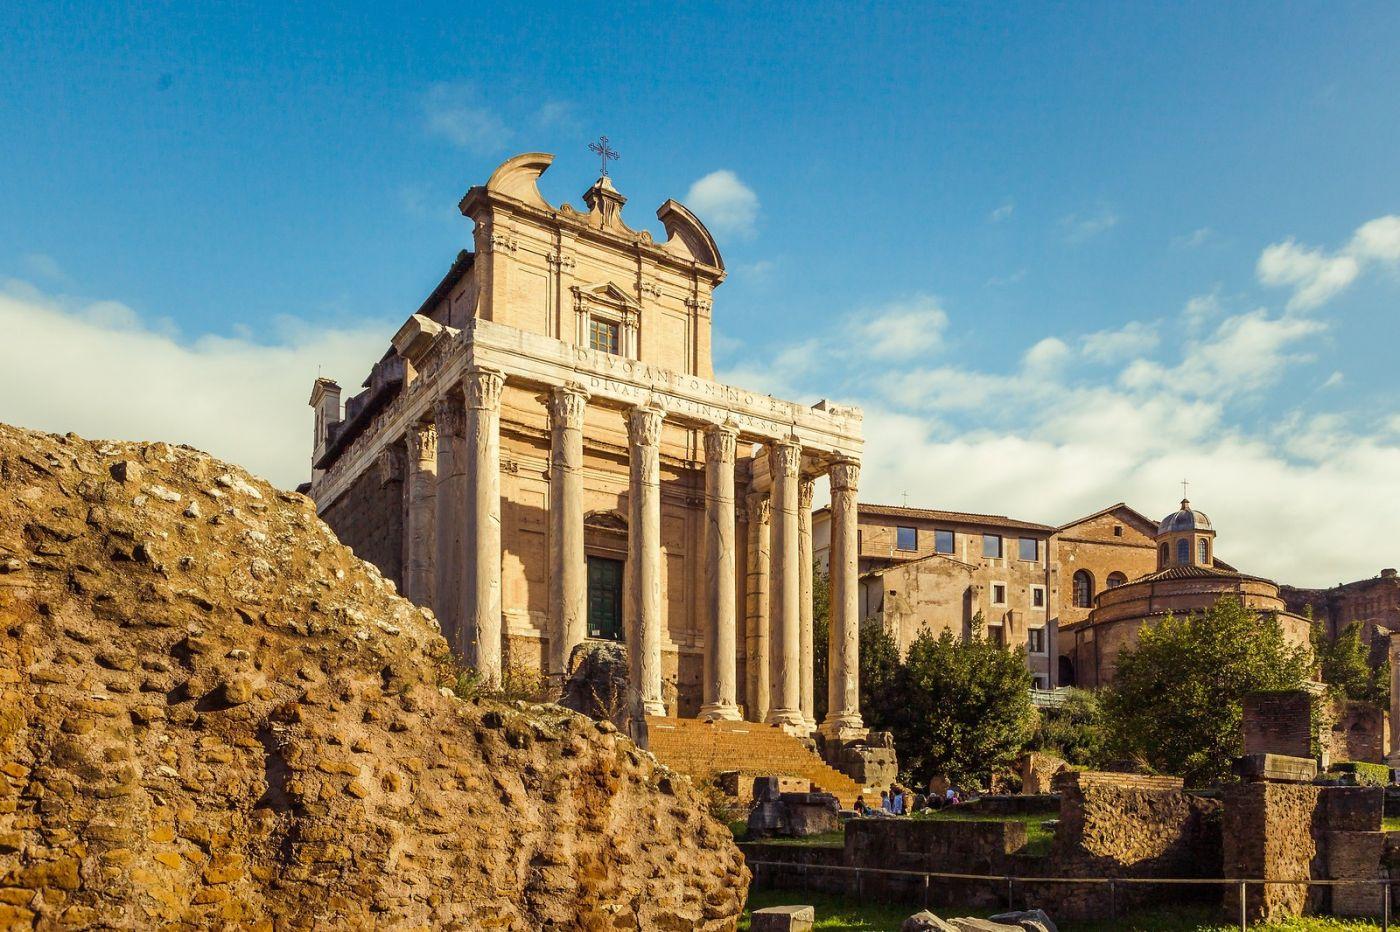 意大利罗马论坛,二千年的历史_图1-20